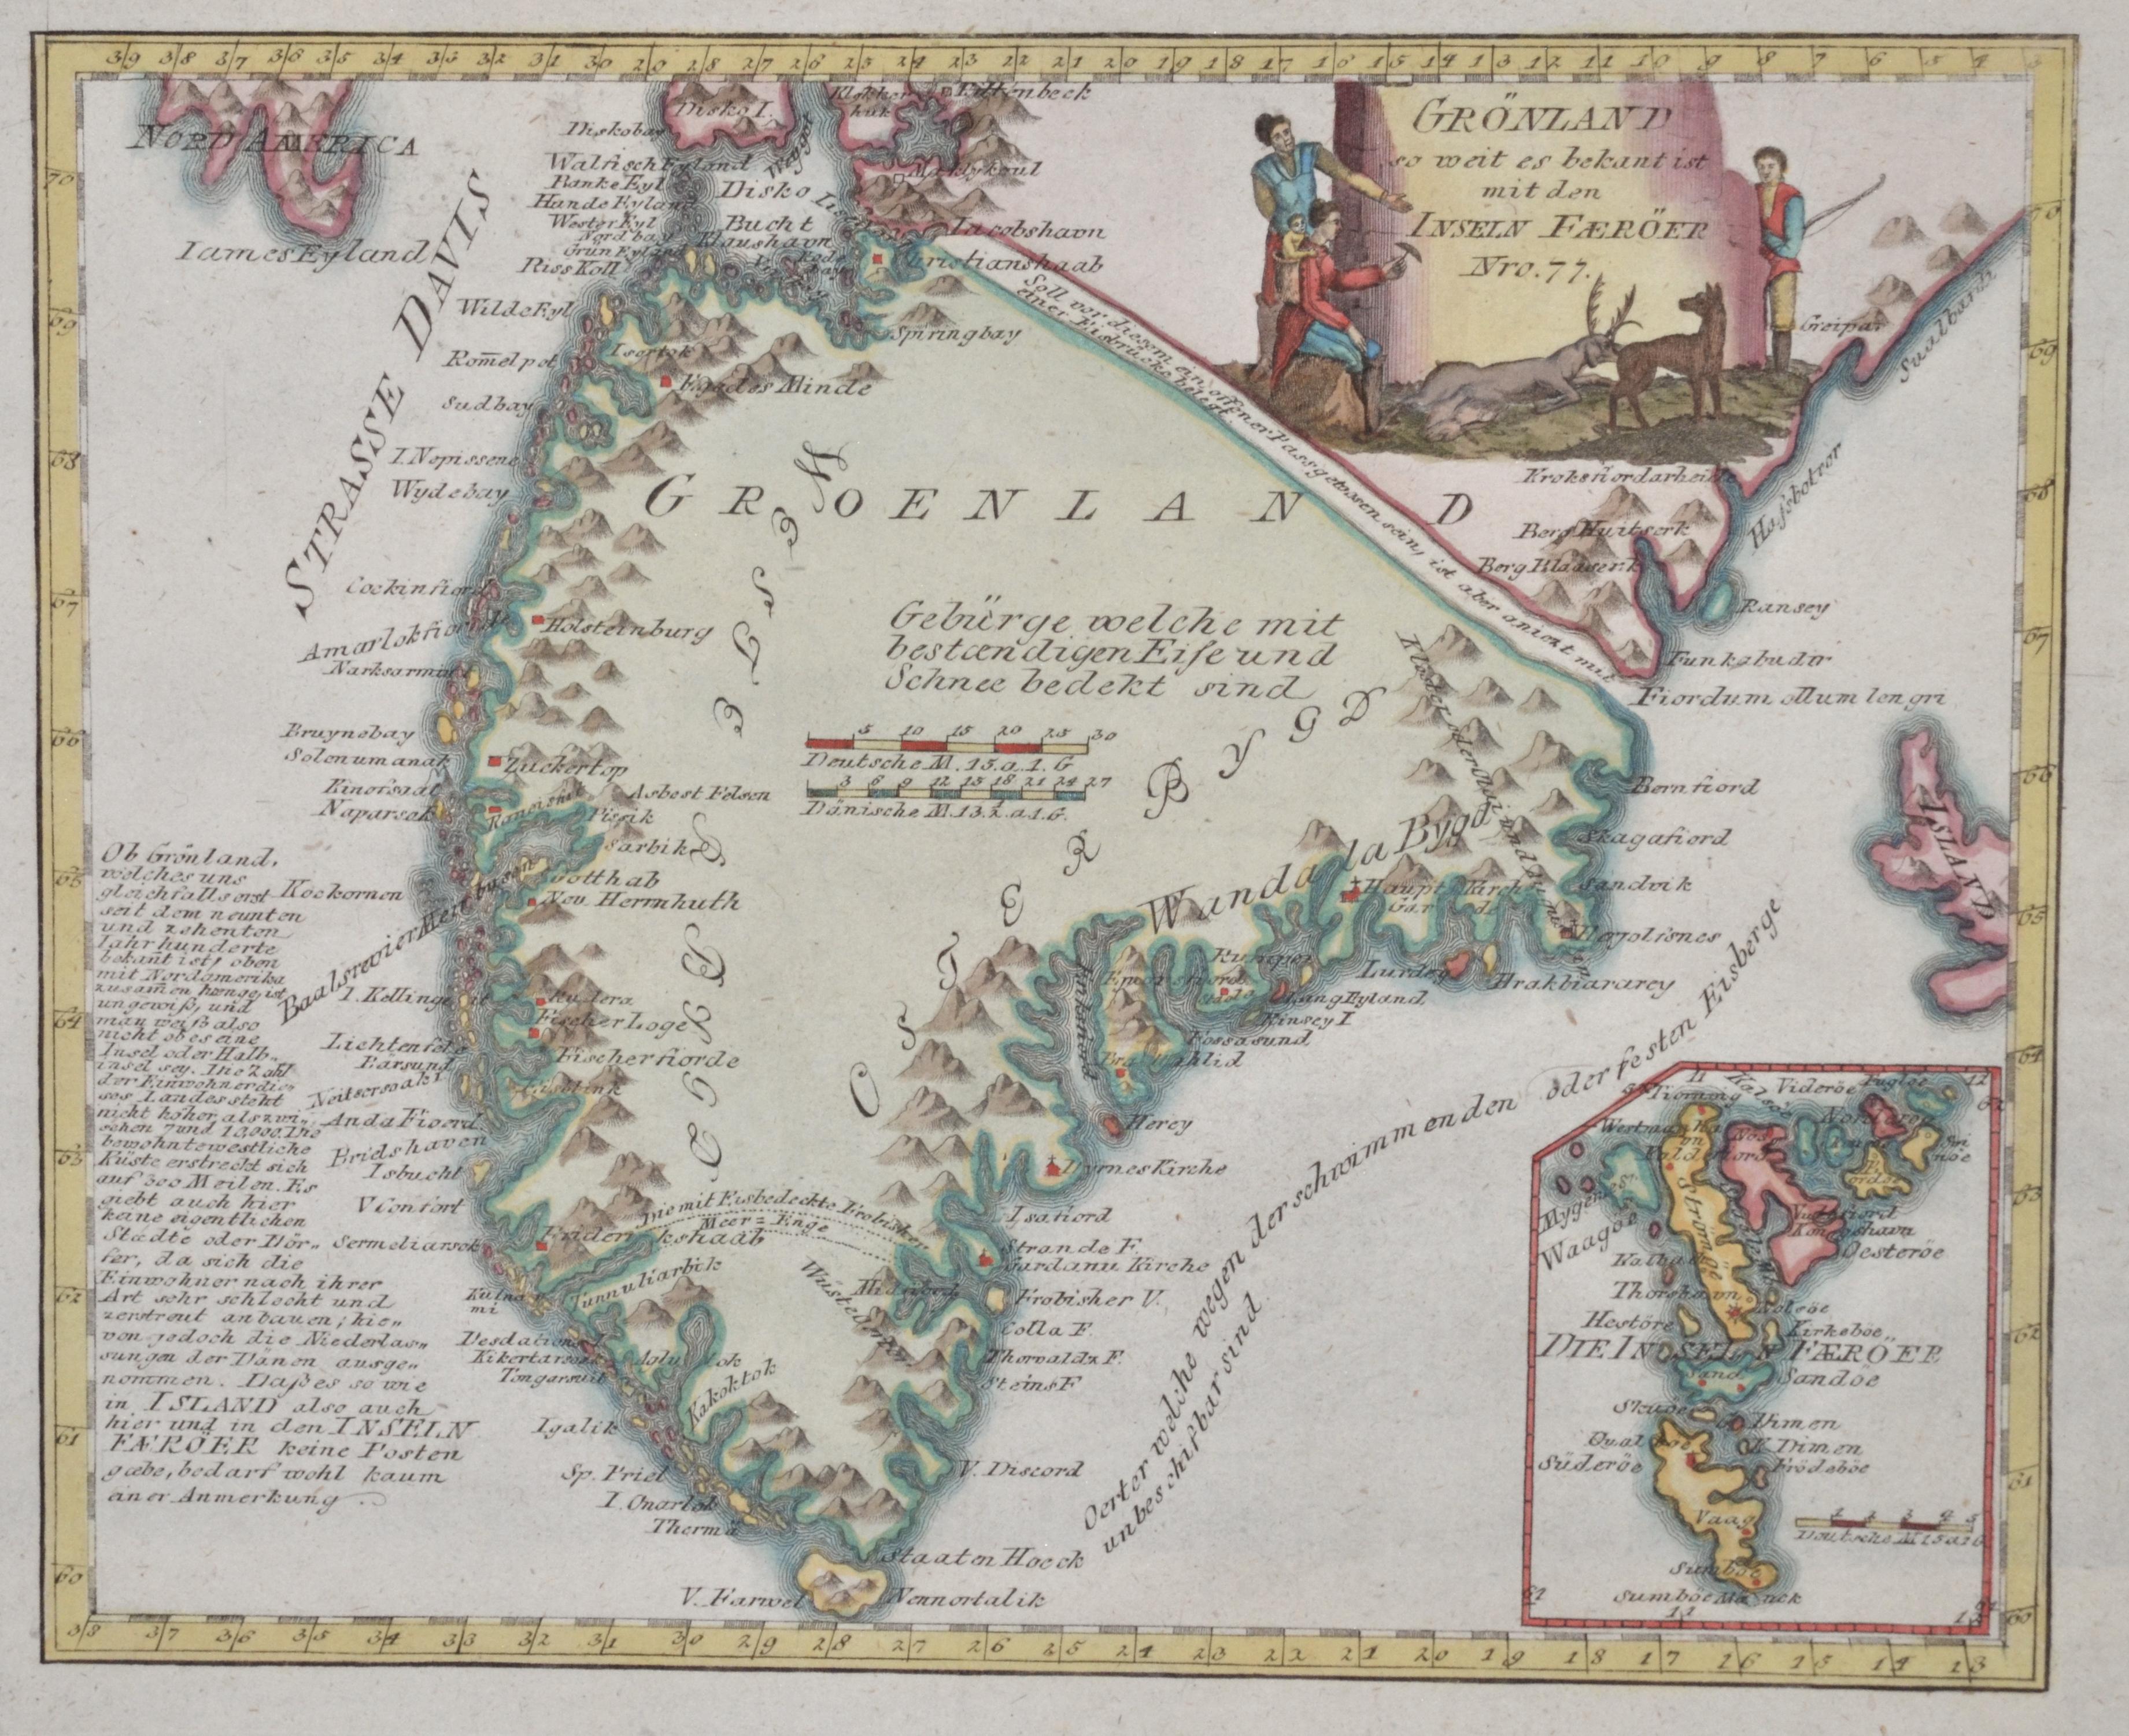 Reilly  Grönland so weit es bekant ist mit den Inseln Faeröer Nro. 77.